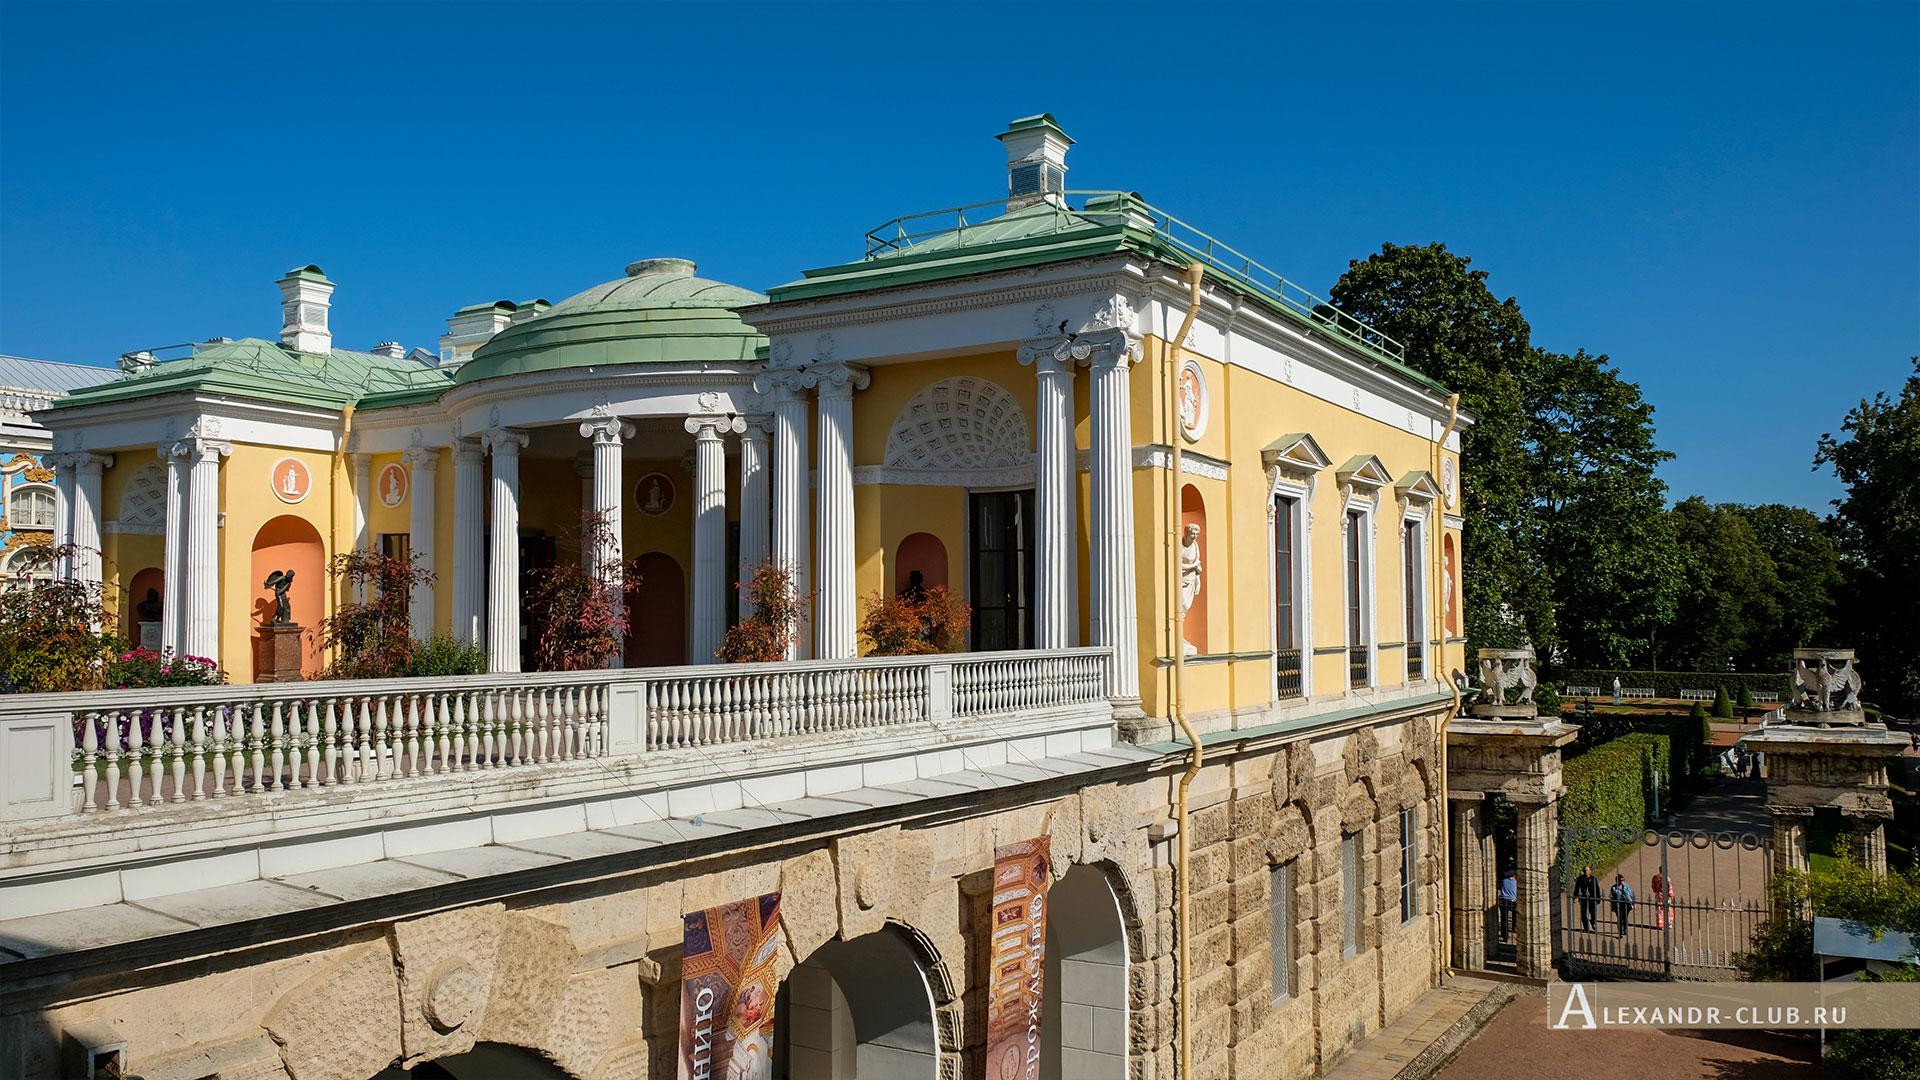 Царское Село, лето, Екатерининский дворец, павильон «Холодная баня с Агатовыми комнатами»